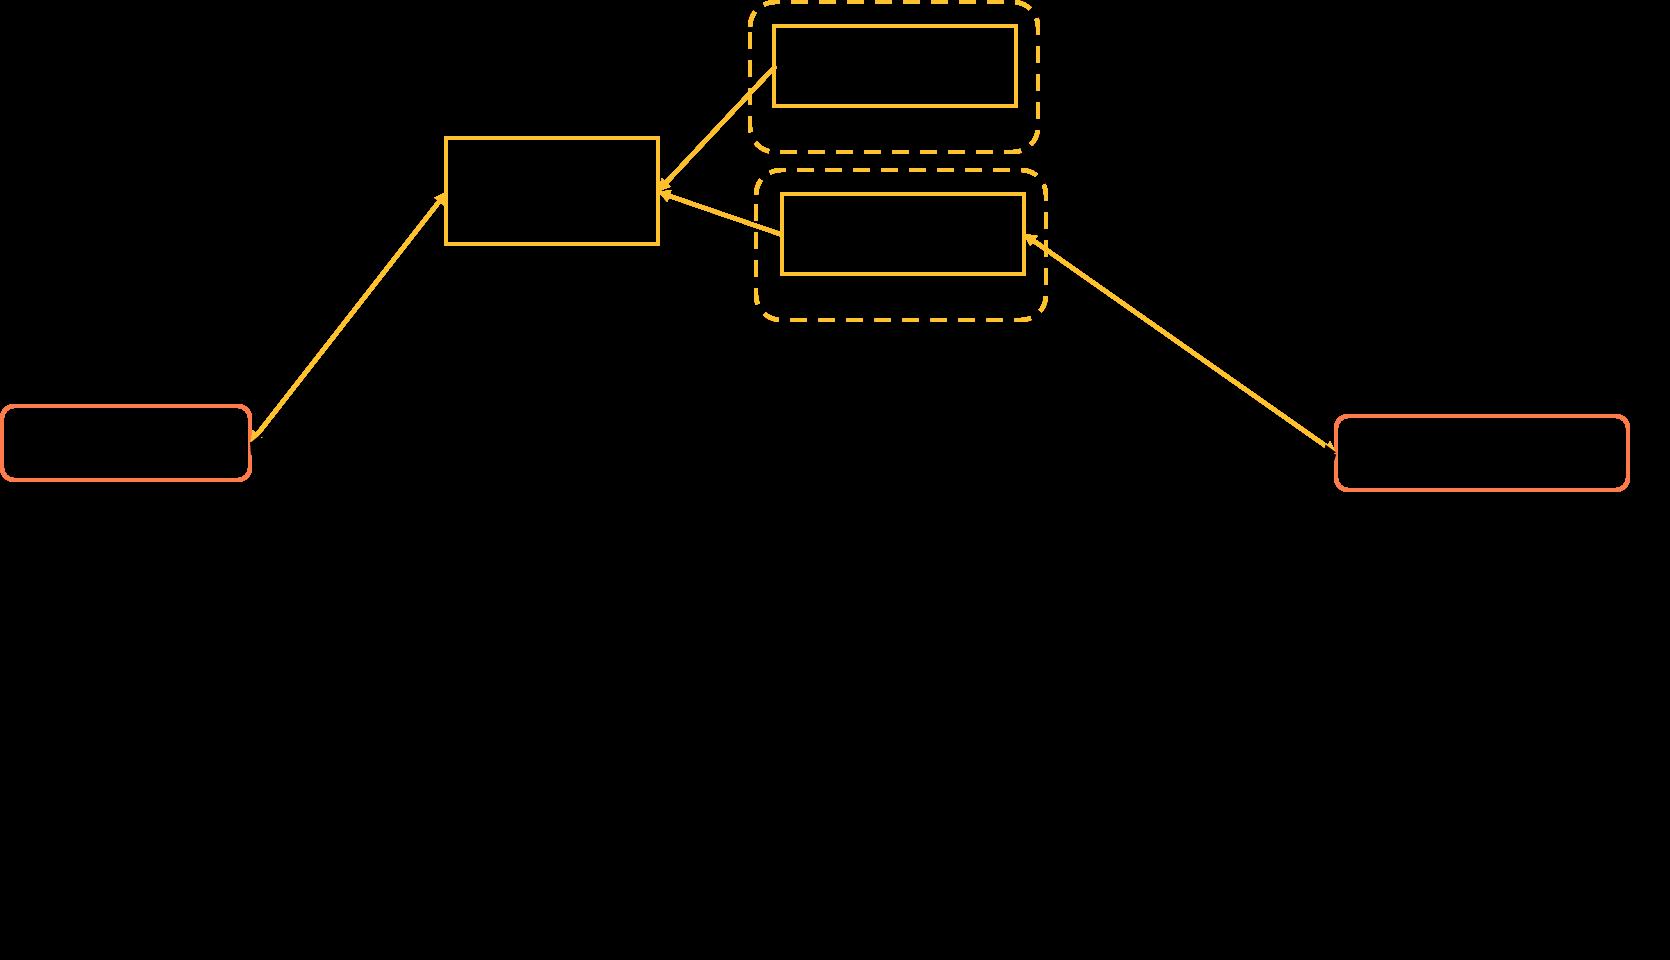 图3 POI品牌信息优化样本示意图